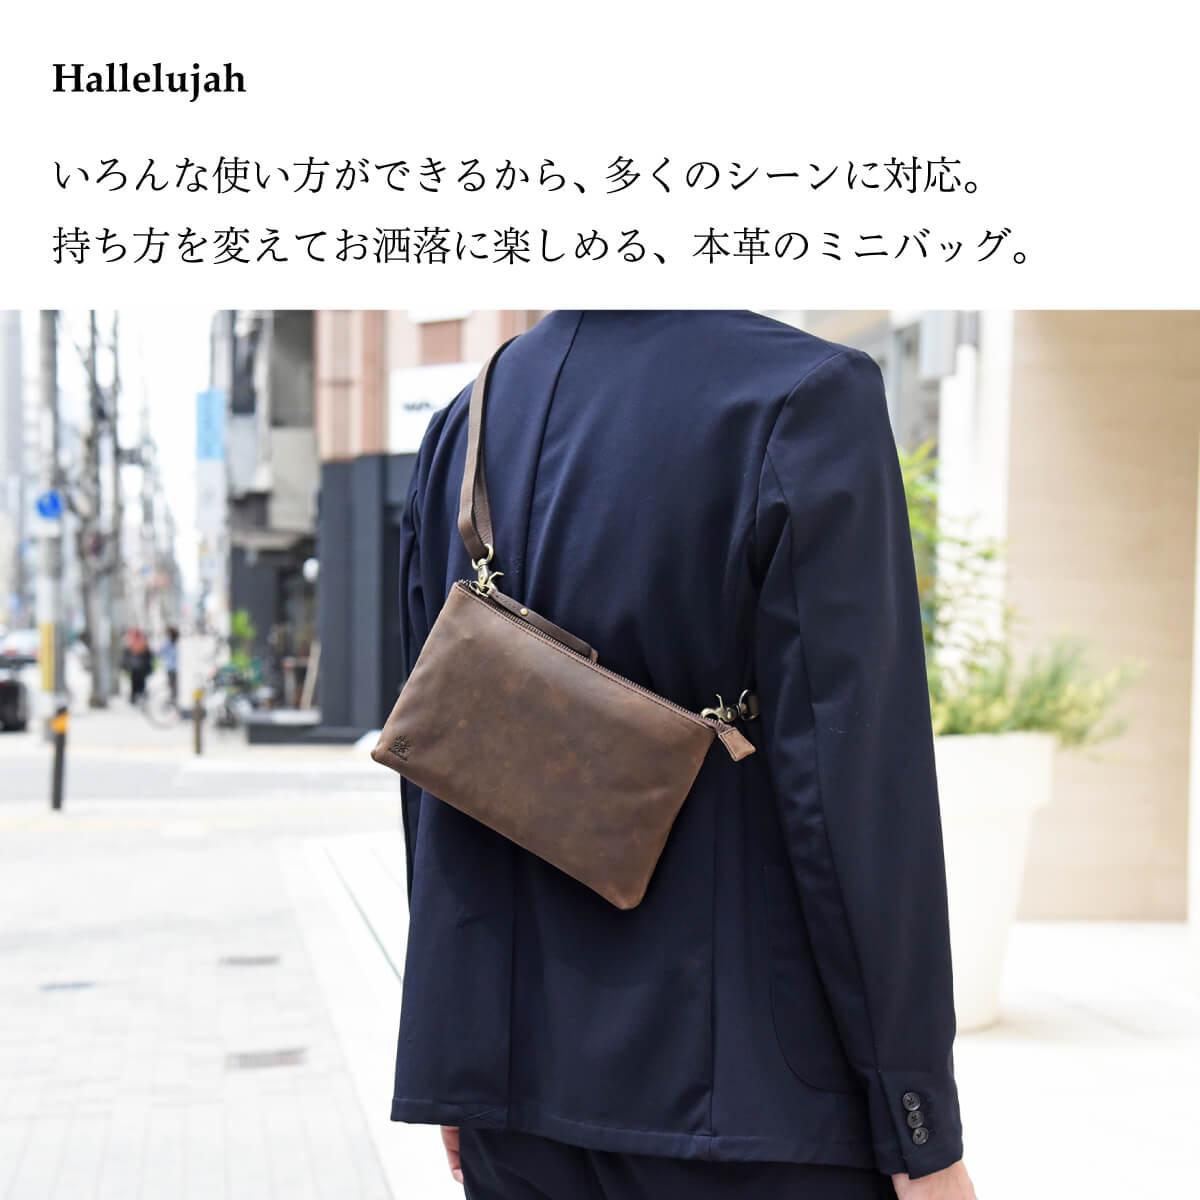 ボディバッグ サコッシュ Camel ミニクラッチバッグ ショルダー【名入れ可】